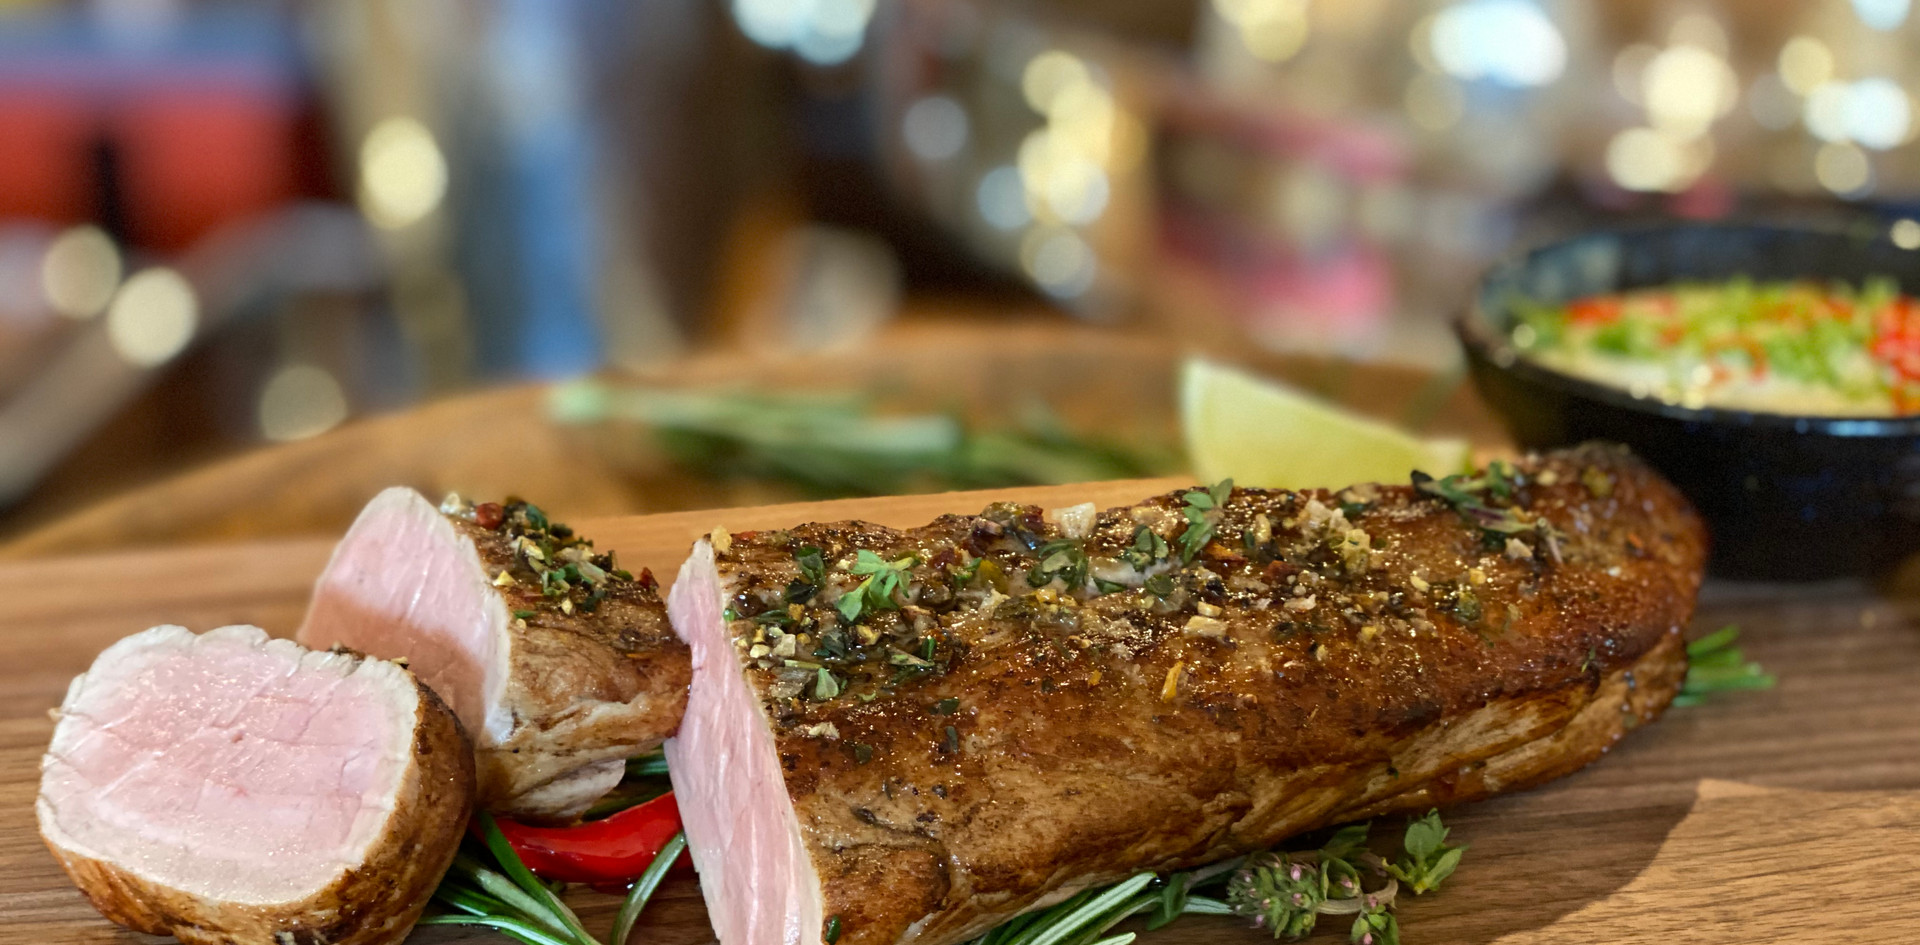 Braten Restaurant Dinner - Hotel Wegner - The culinary Art Hotel